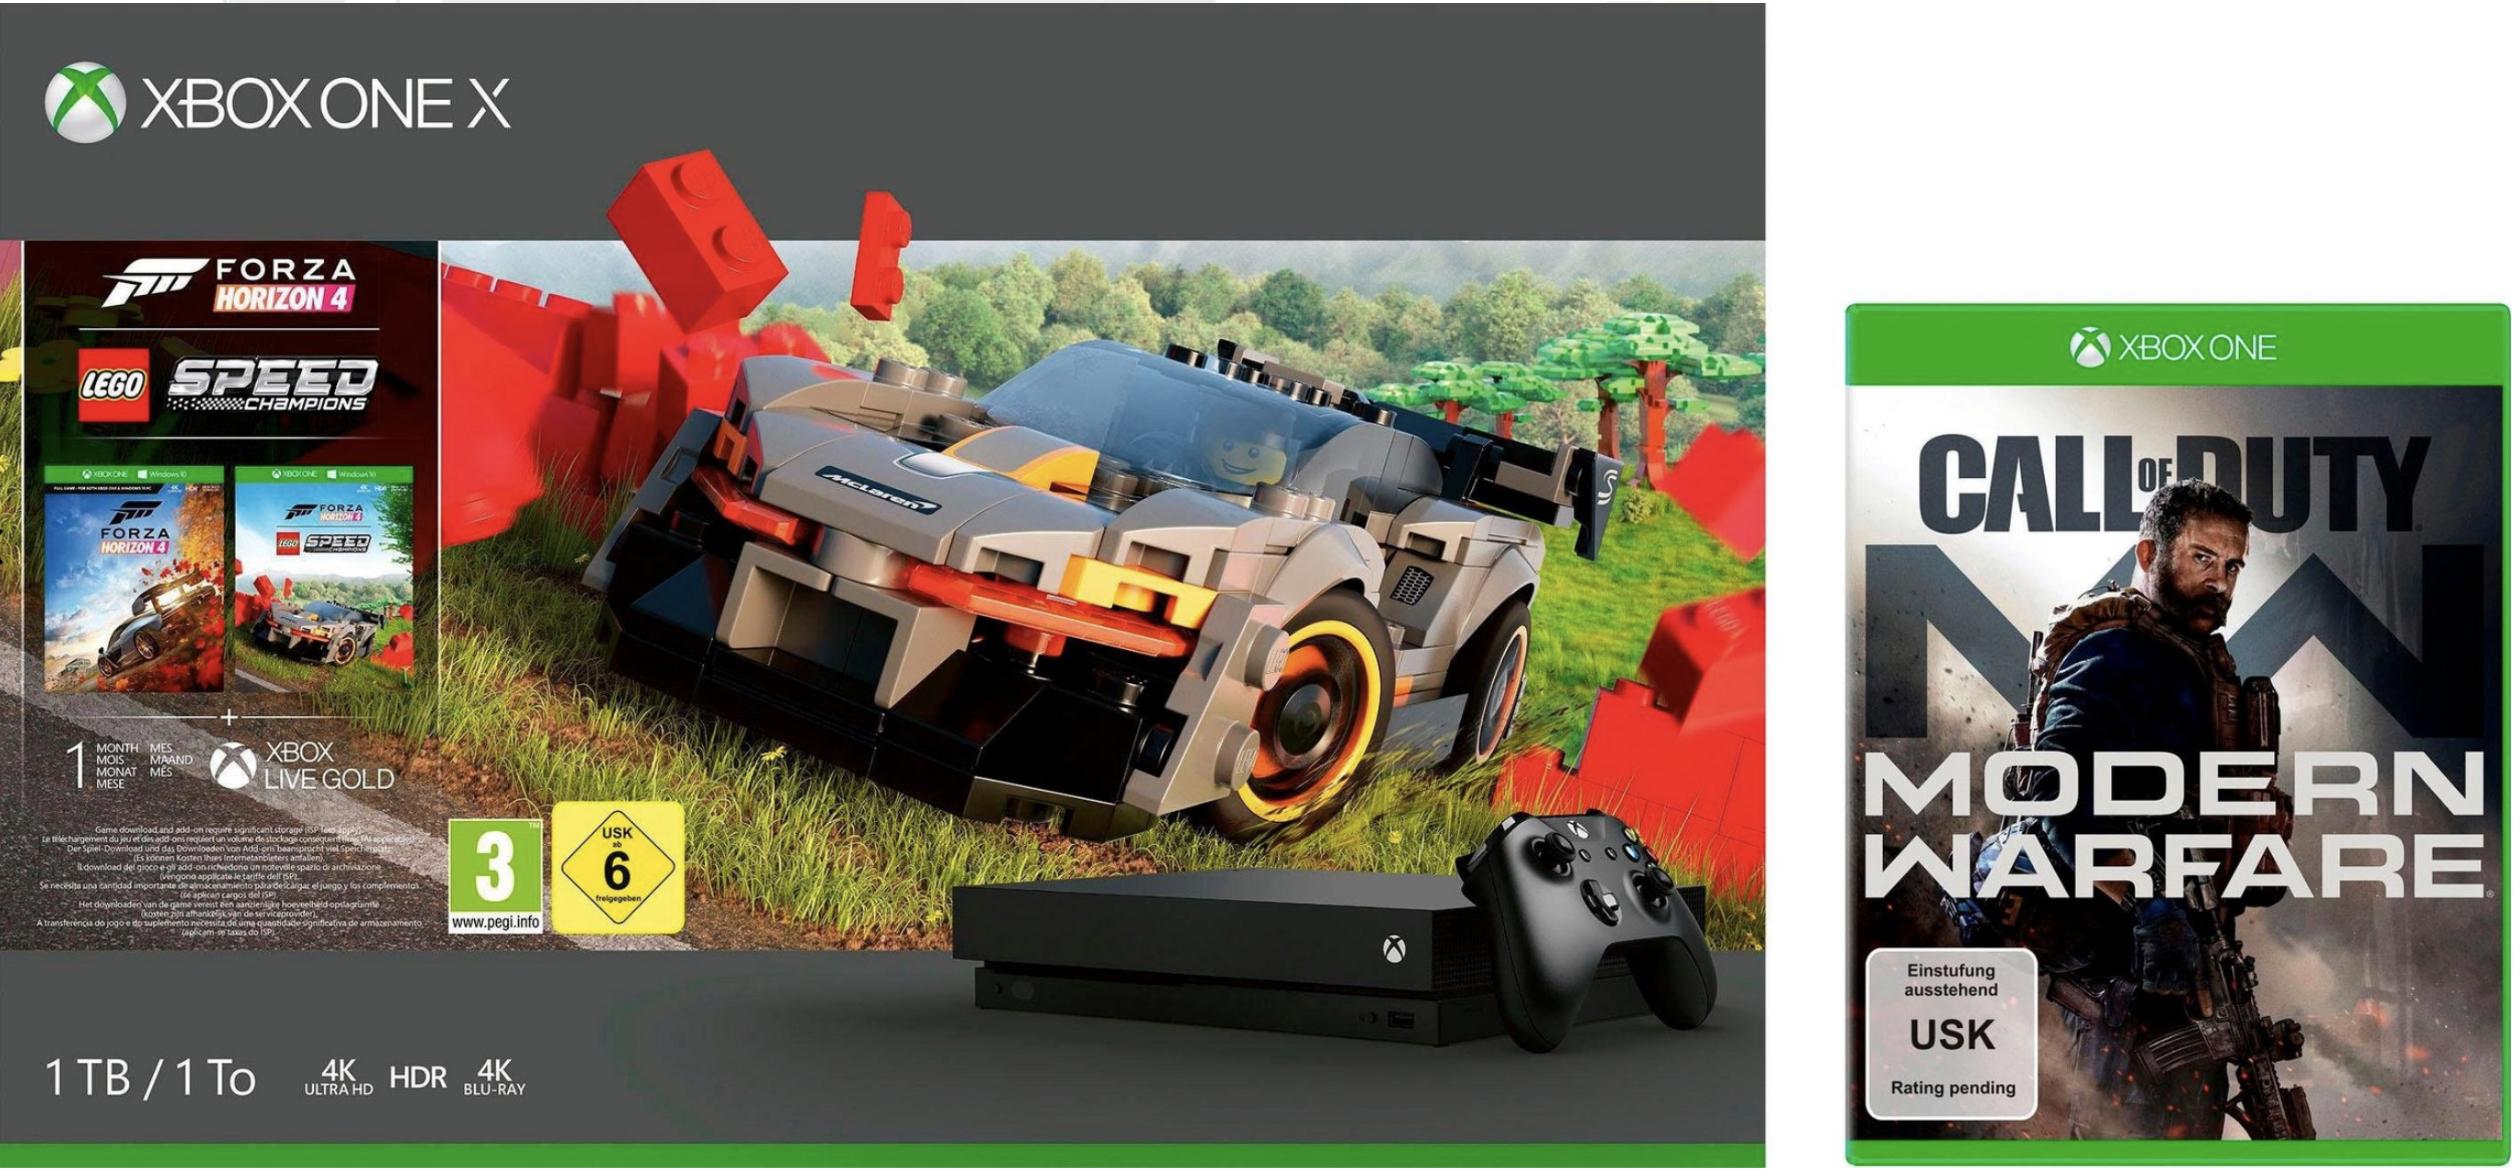 Microsoft Xbox One X 1TB Forza Horizon 4 Lego Bundle + Call of Duty Modern Warfare für 328,02€ inkl. Versandkosten / Schwab Bestandskunden